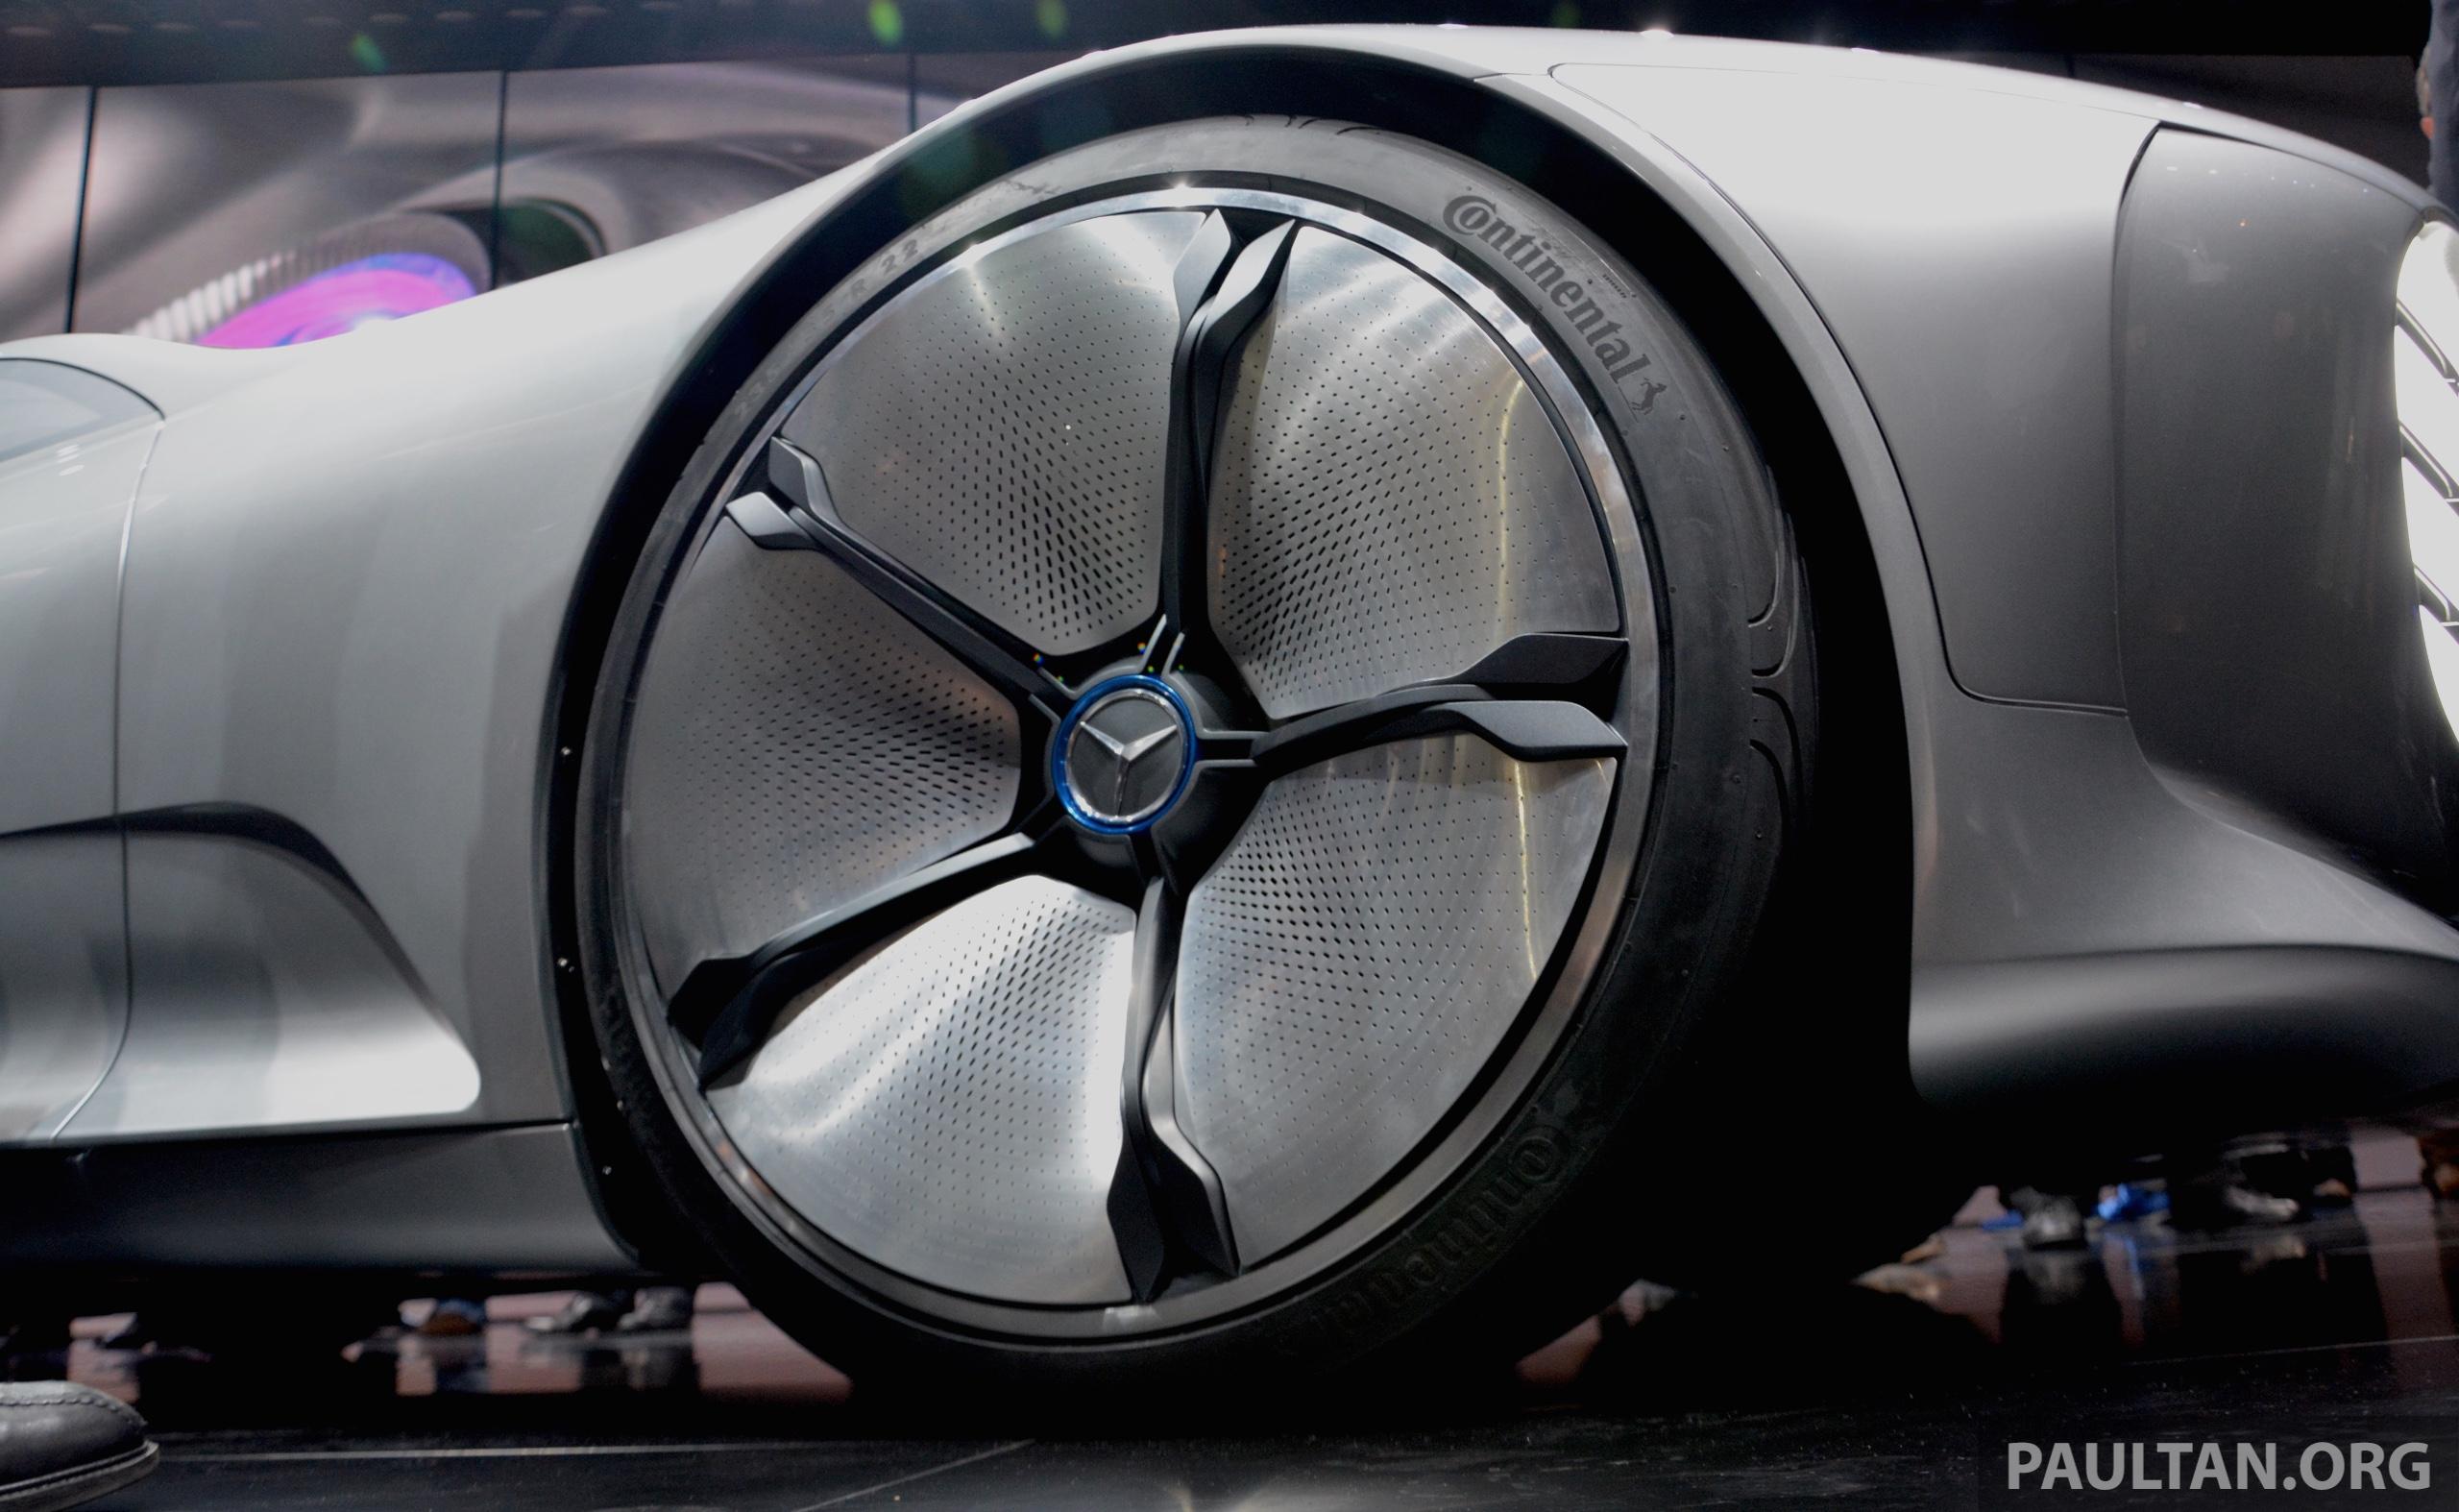 https://s2.paultan.org/image/2015/09/Mercedes-Benz-Concept-IAA-Frankfurt-14.jpg